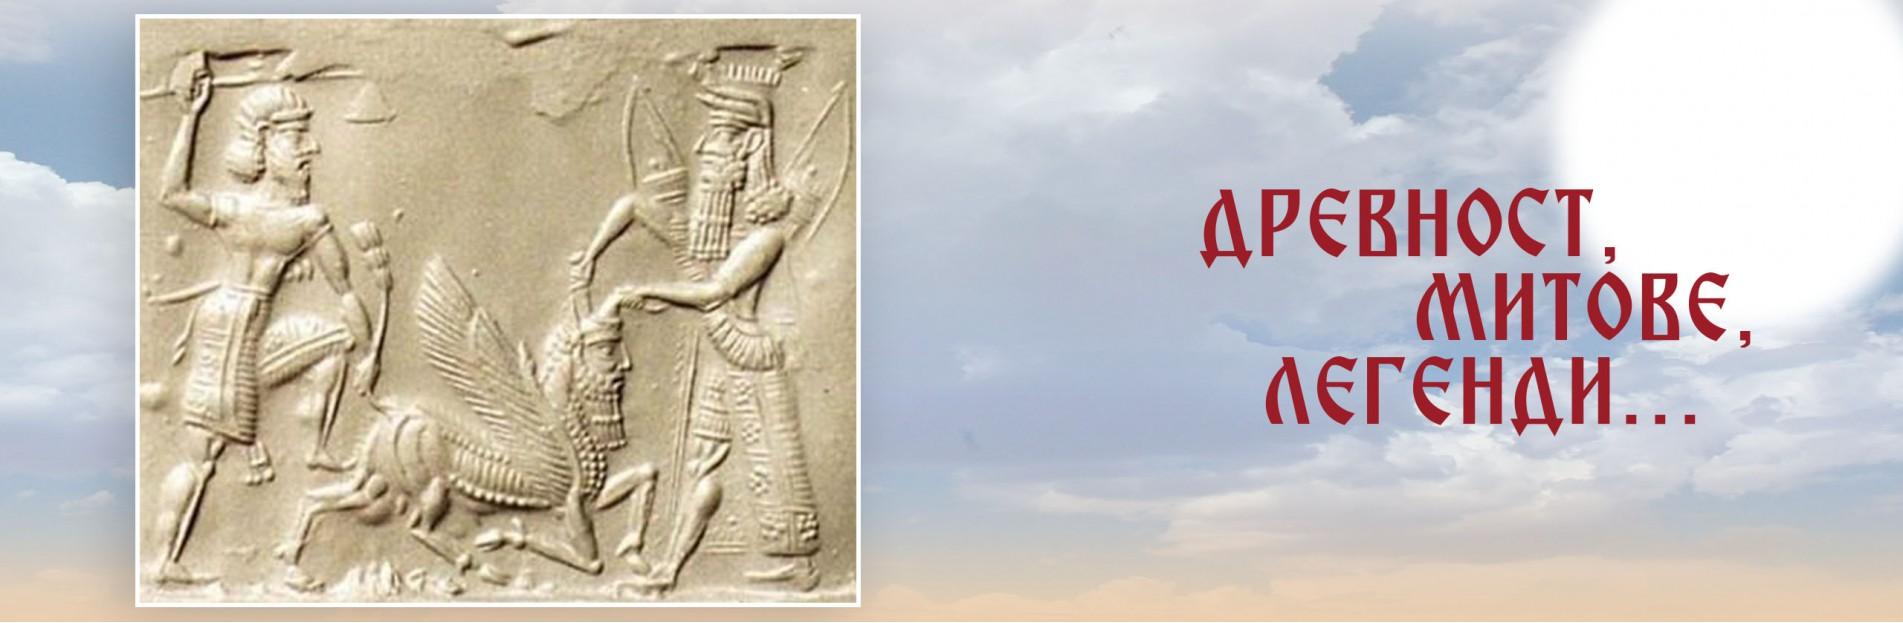 Древност, митове, легенди